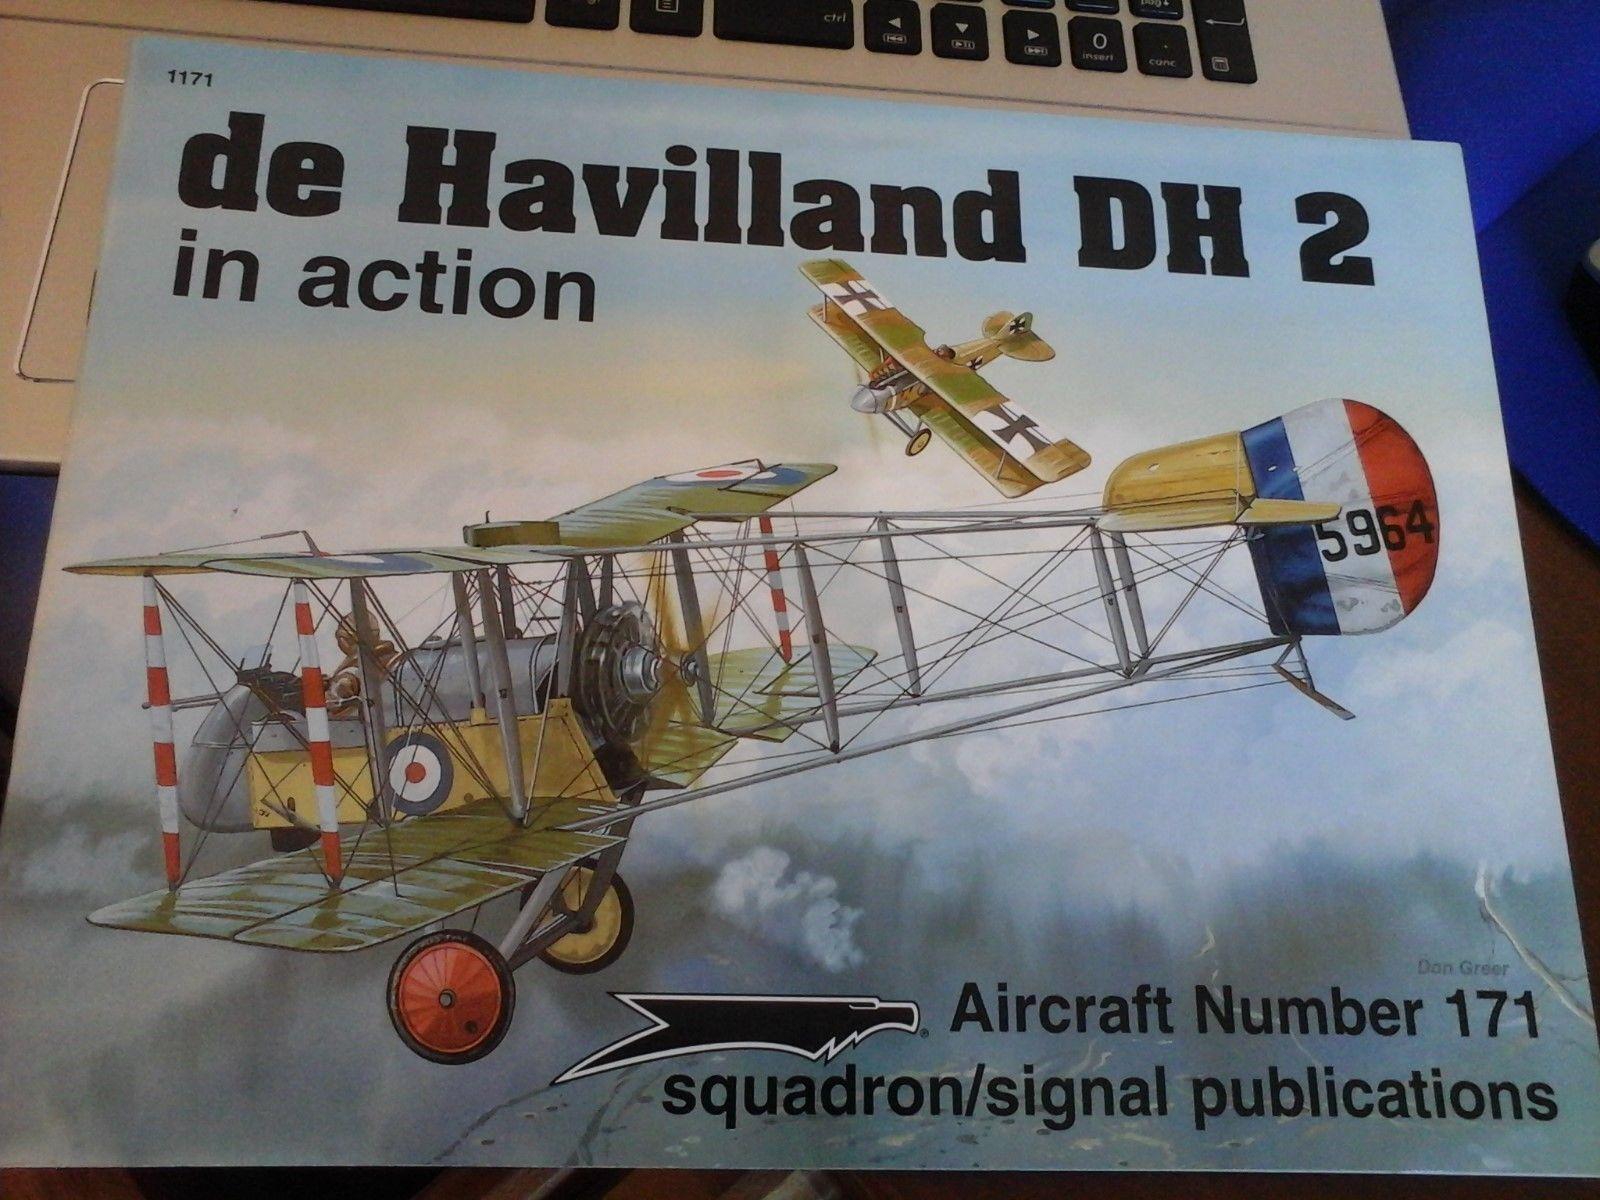 ¡No dudes! ¡Compra ahora! DE HAVILLAND DH DH DH 2-SQUADRON SIGNAL IN Acción N.171-BY DON verde  perfecto